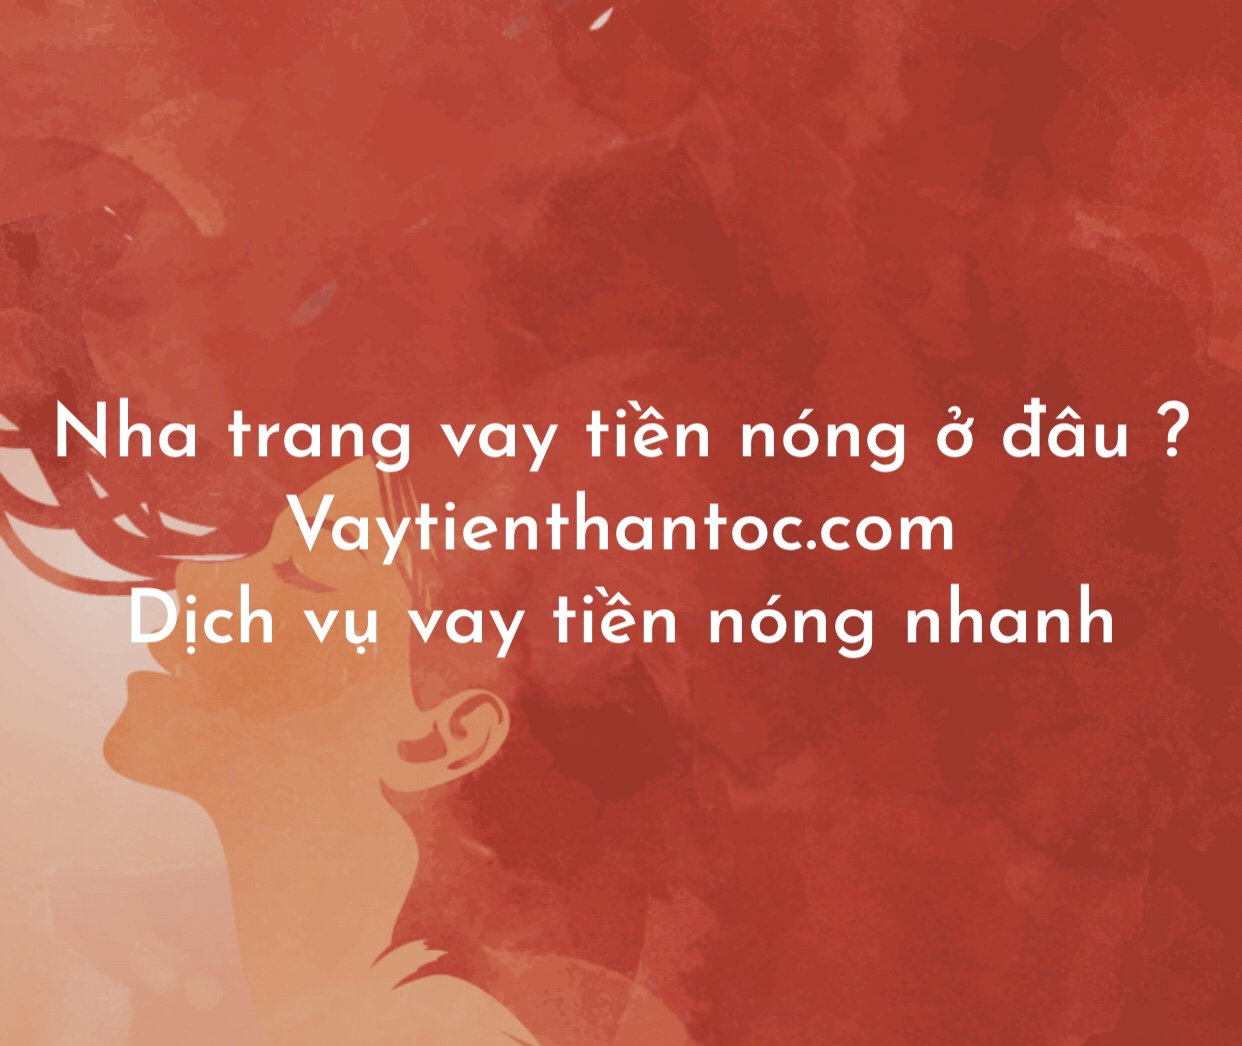 Cho vay tiền nhanh nóng gấp Nha Trang